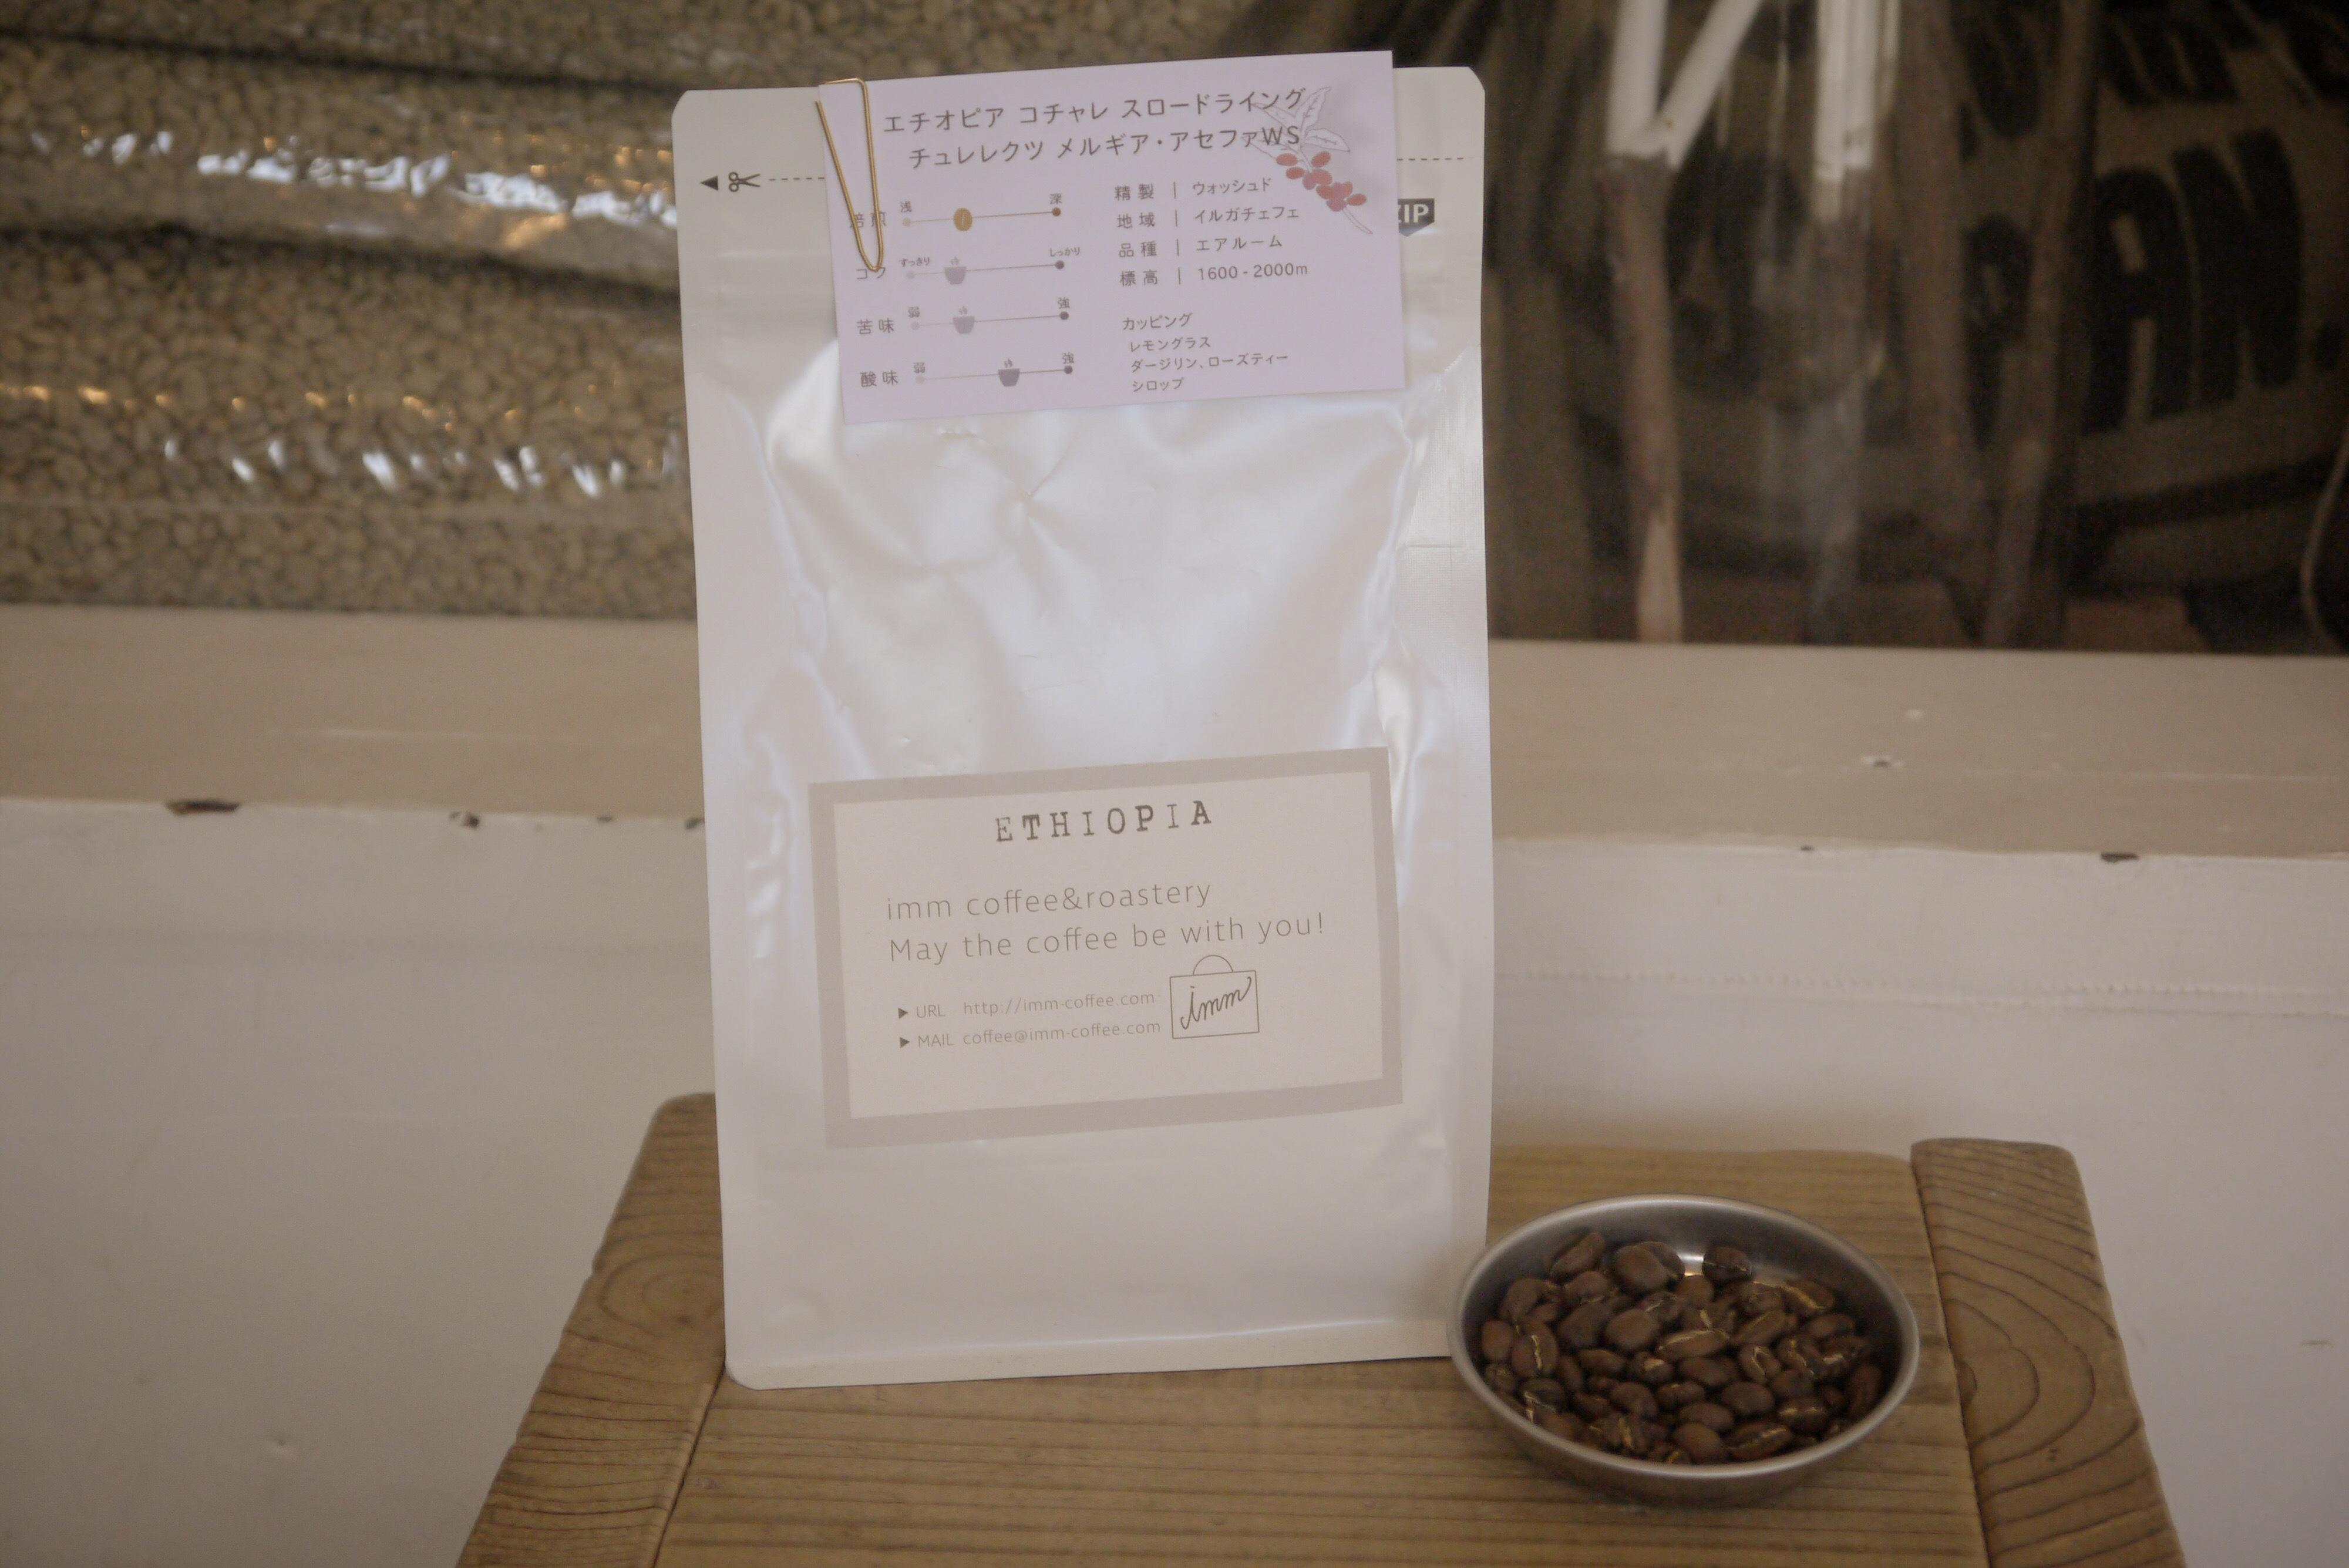 エチオピア コチャレ チュレレクツ スロードライング コーヒー豆200g